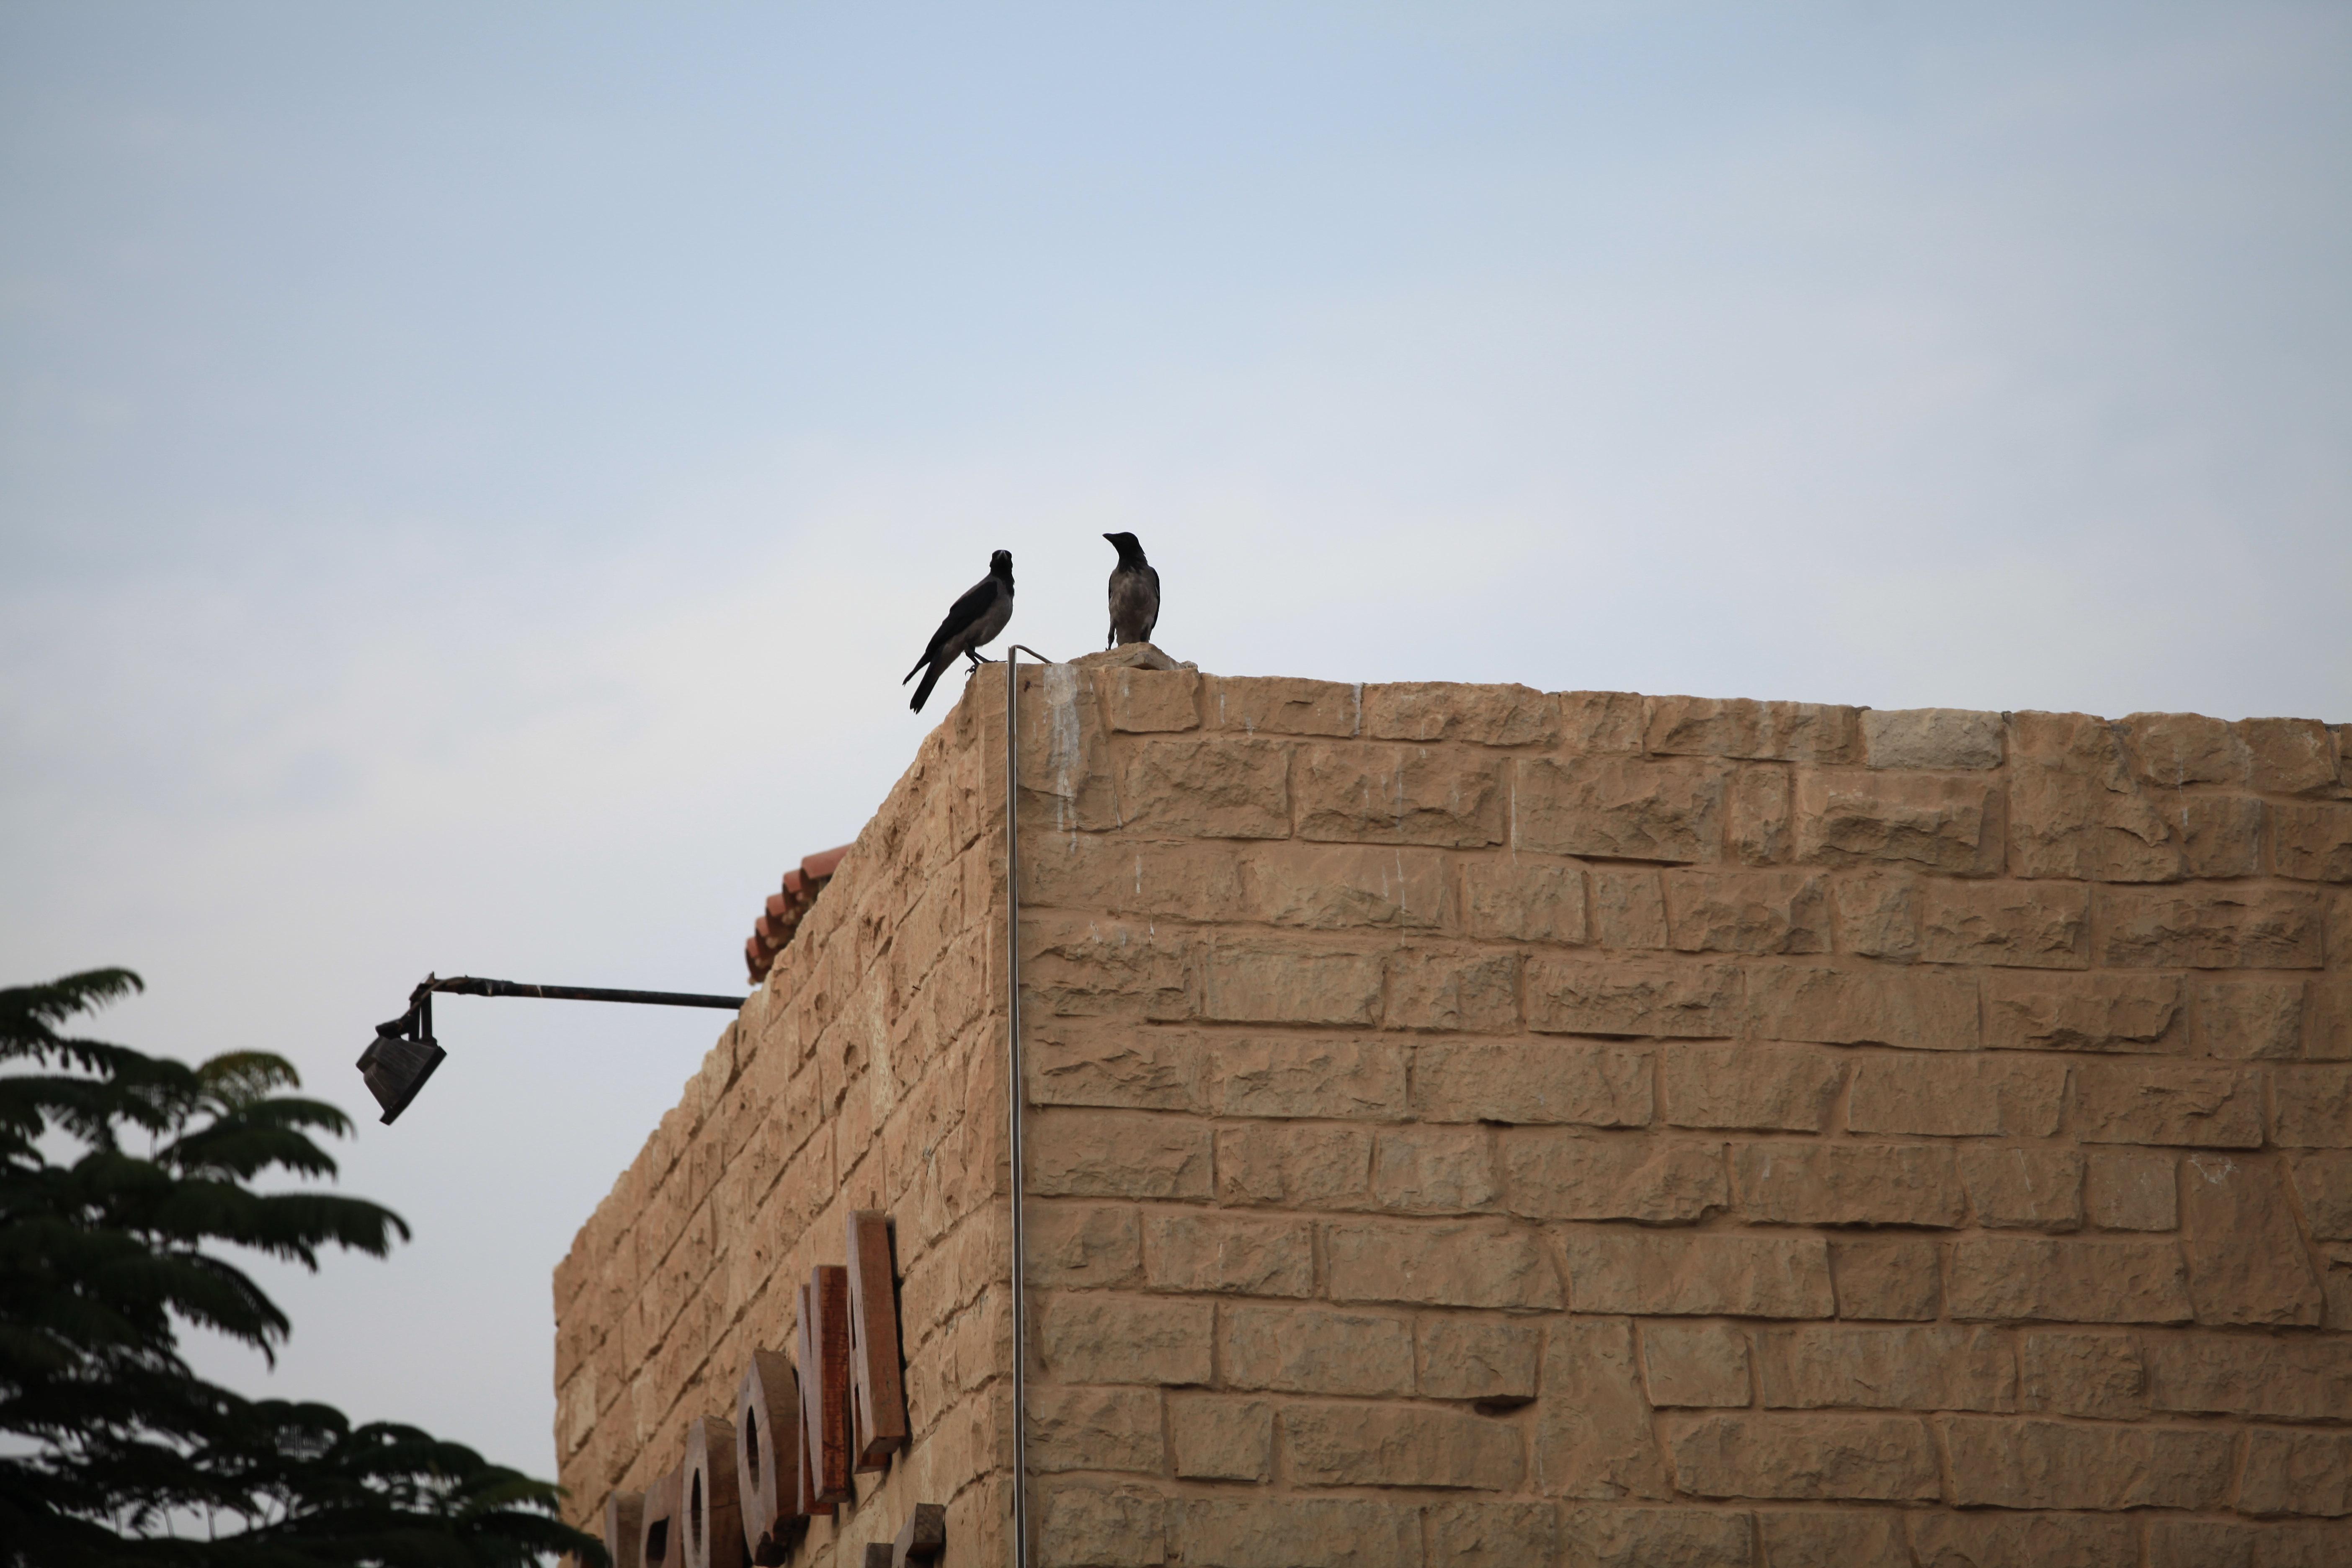 迪拜穷人住的房子图片